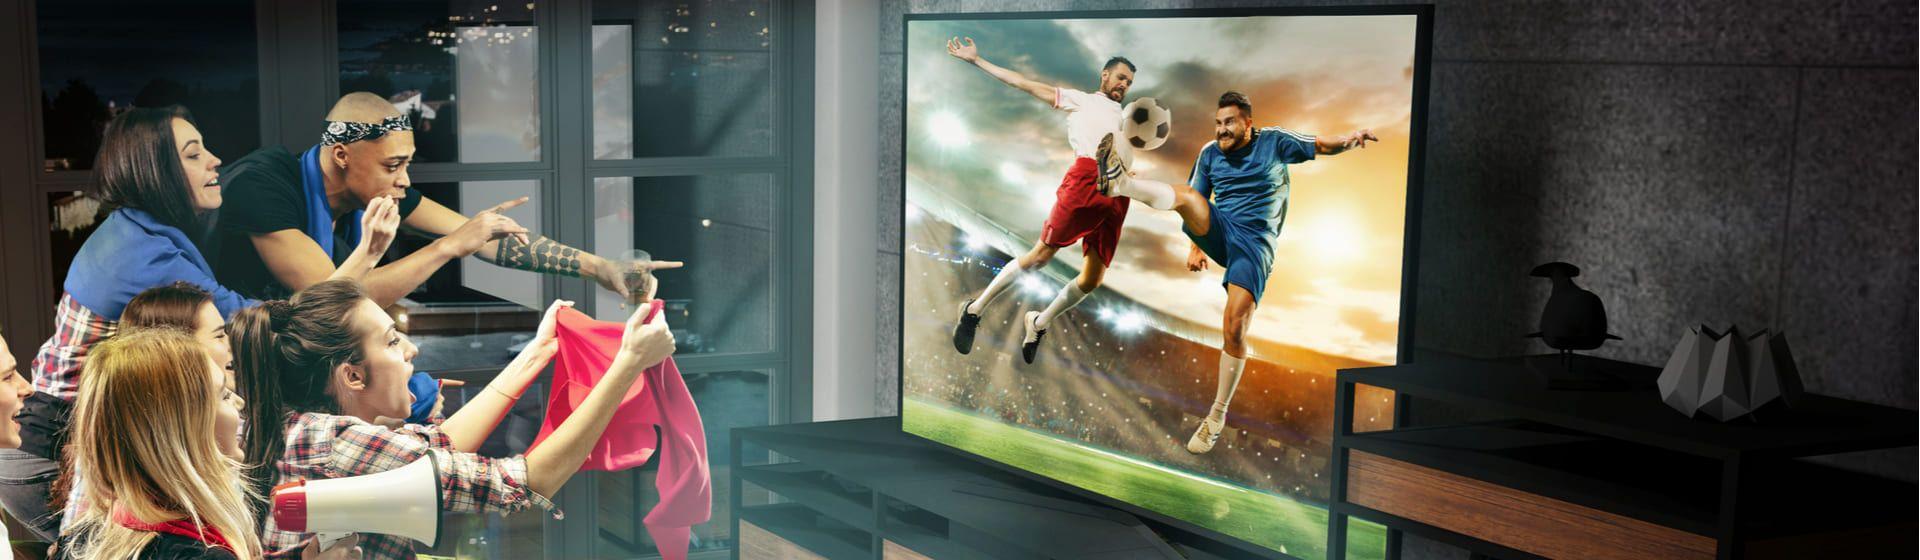 Como assistir Conmebol TV ao vivo?